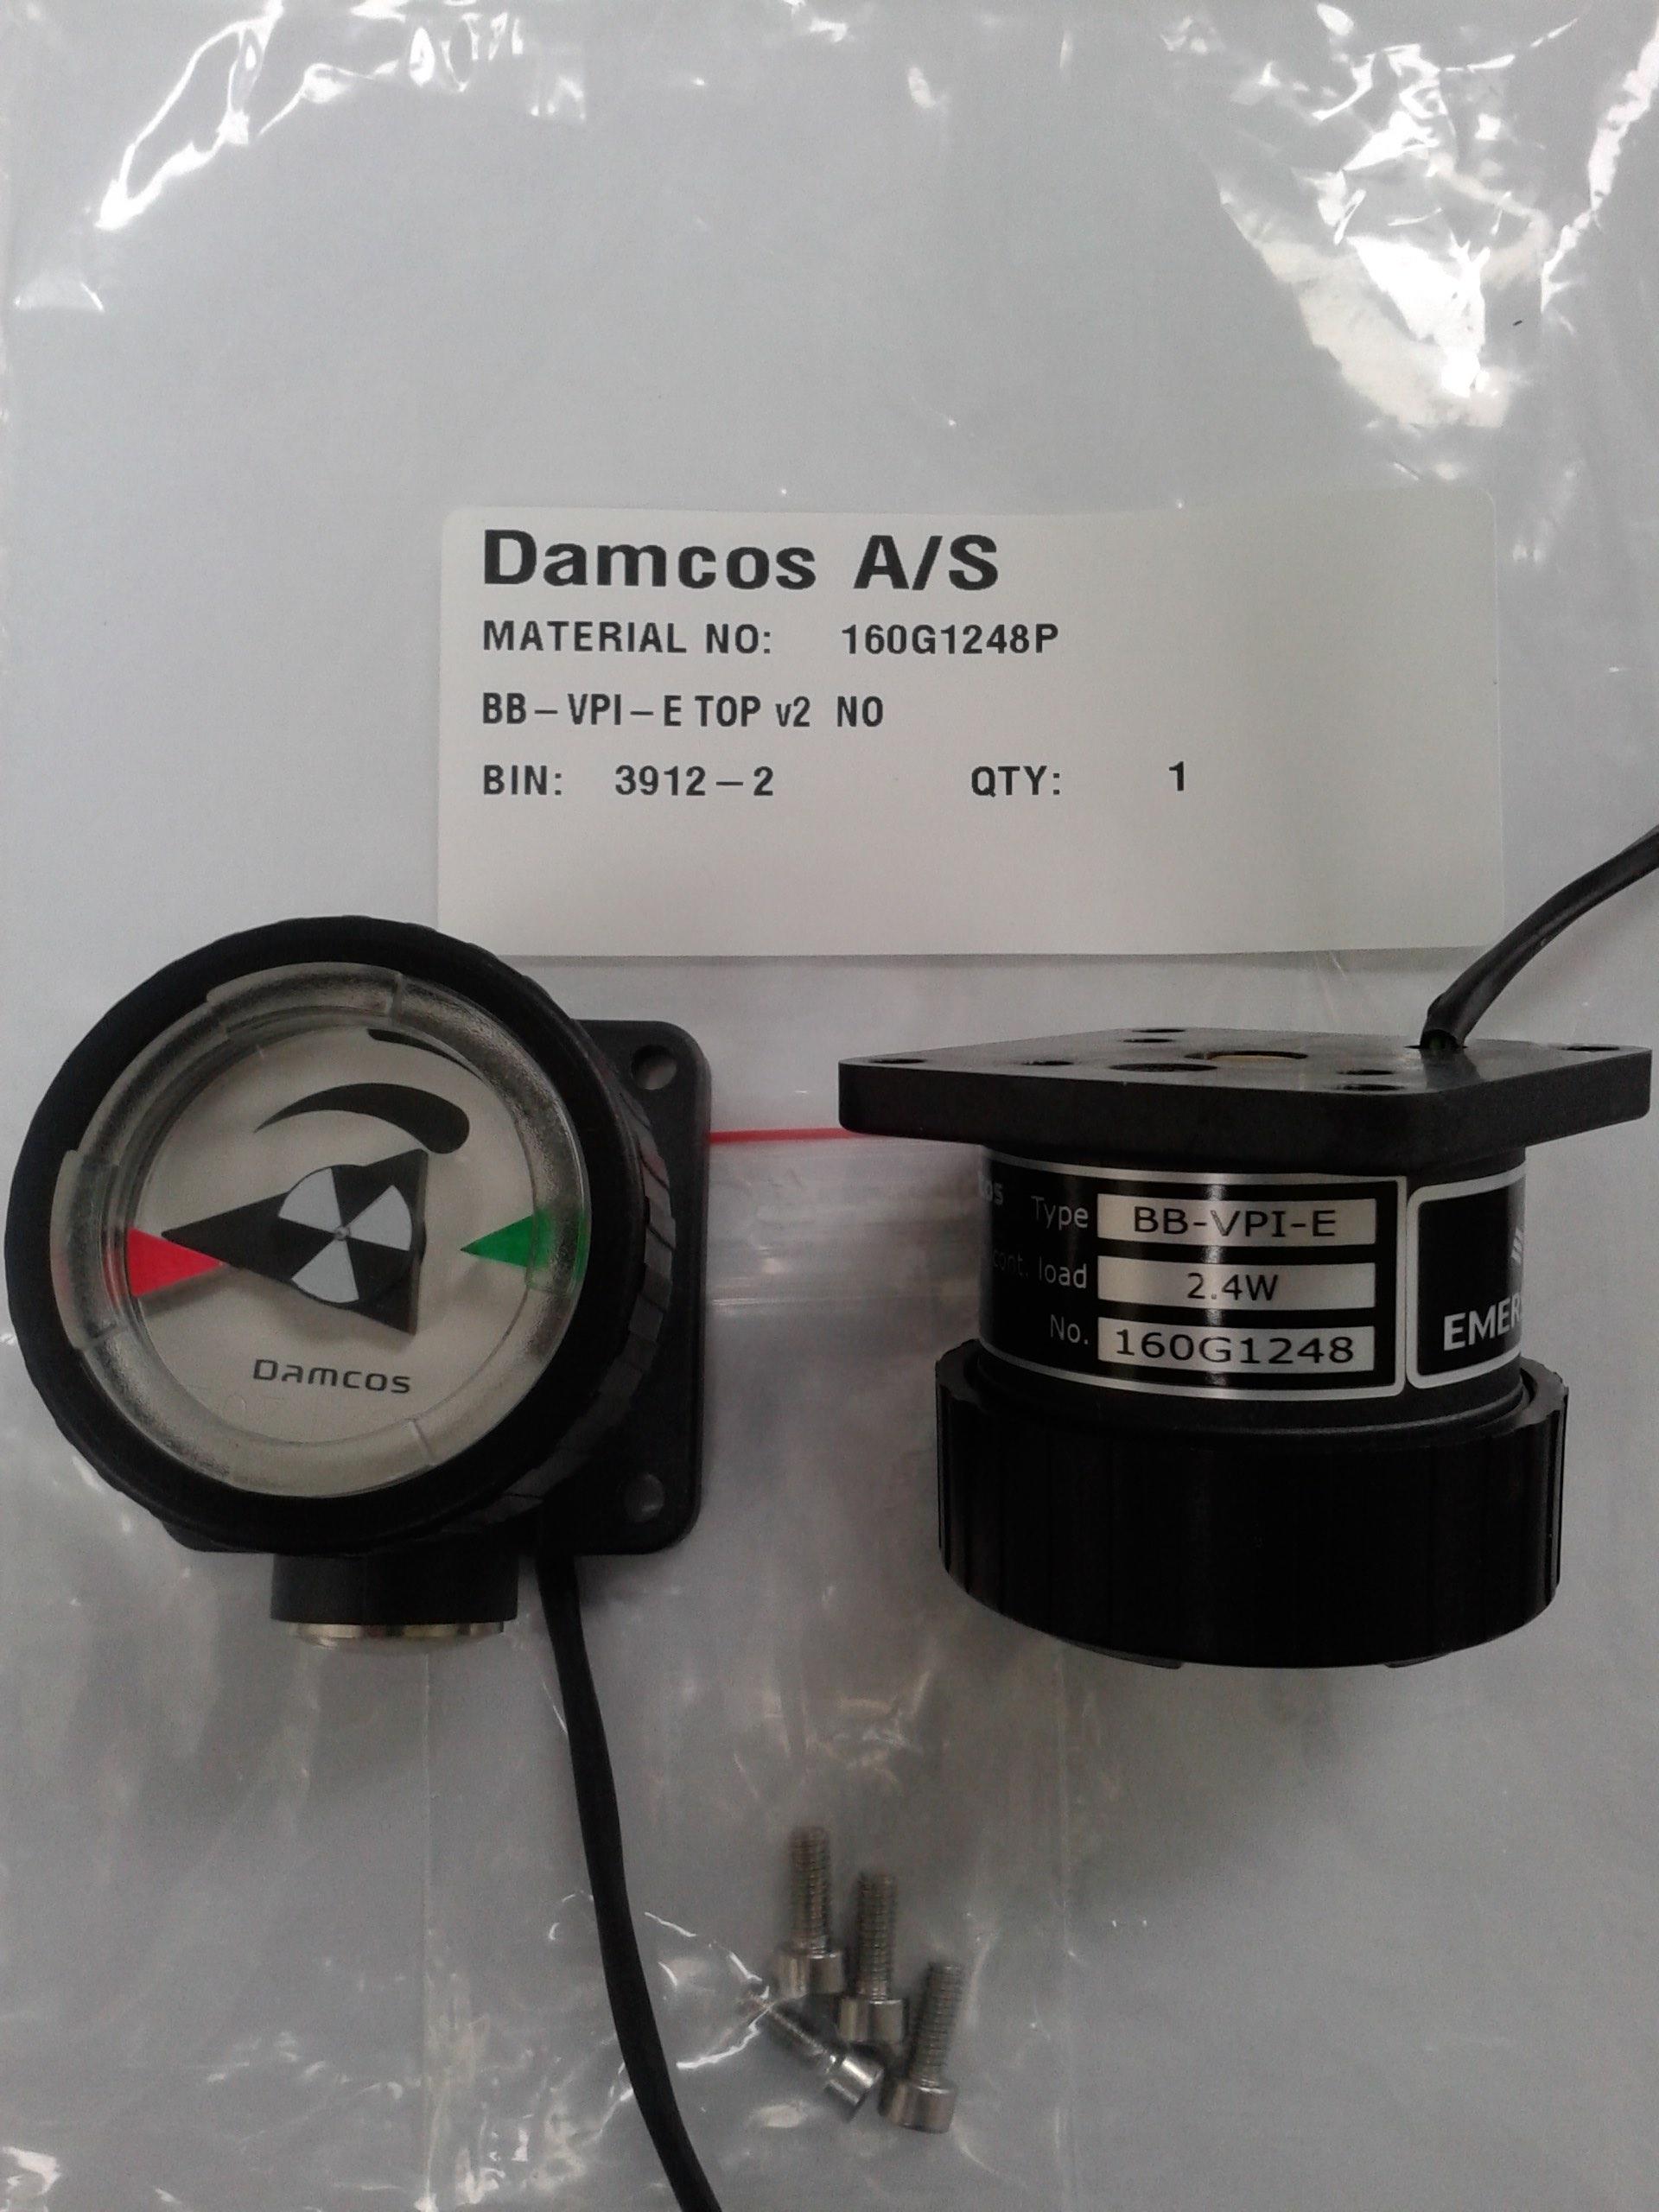 Damcos : Danfoss BB-VPI-E TOP V2 160G1248P